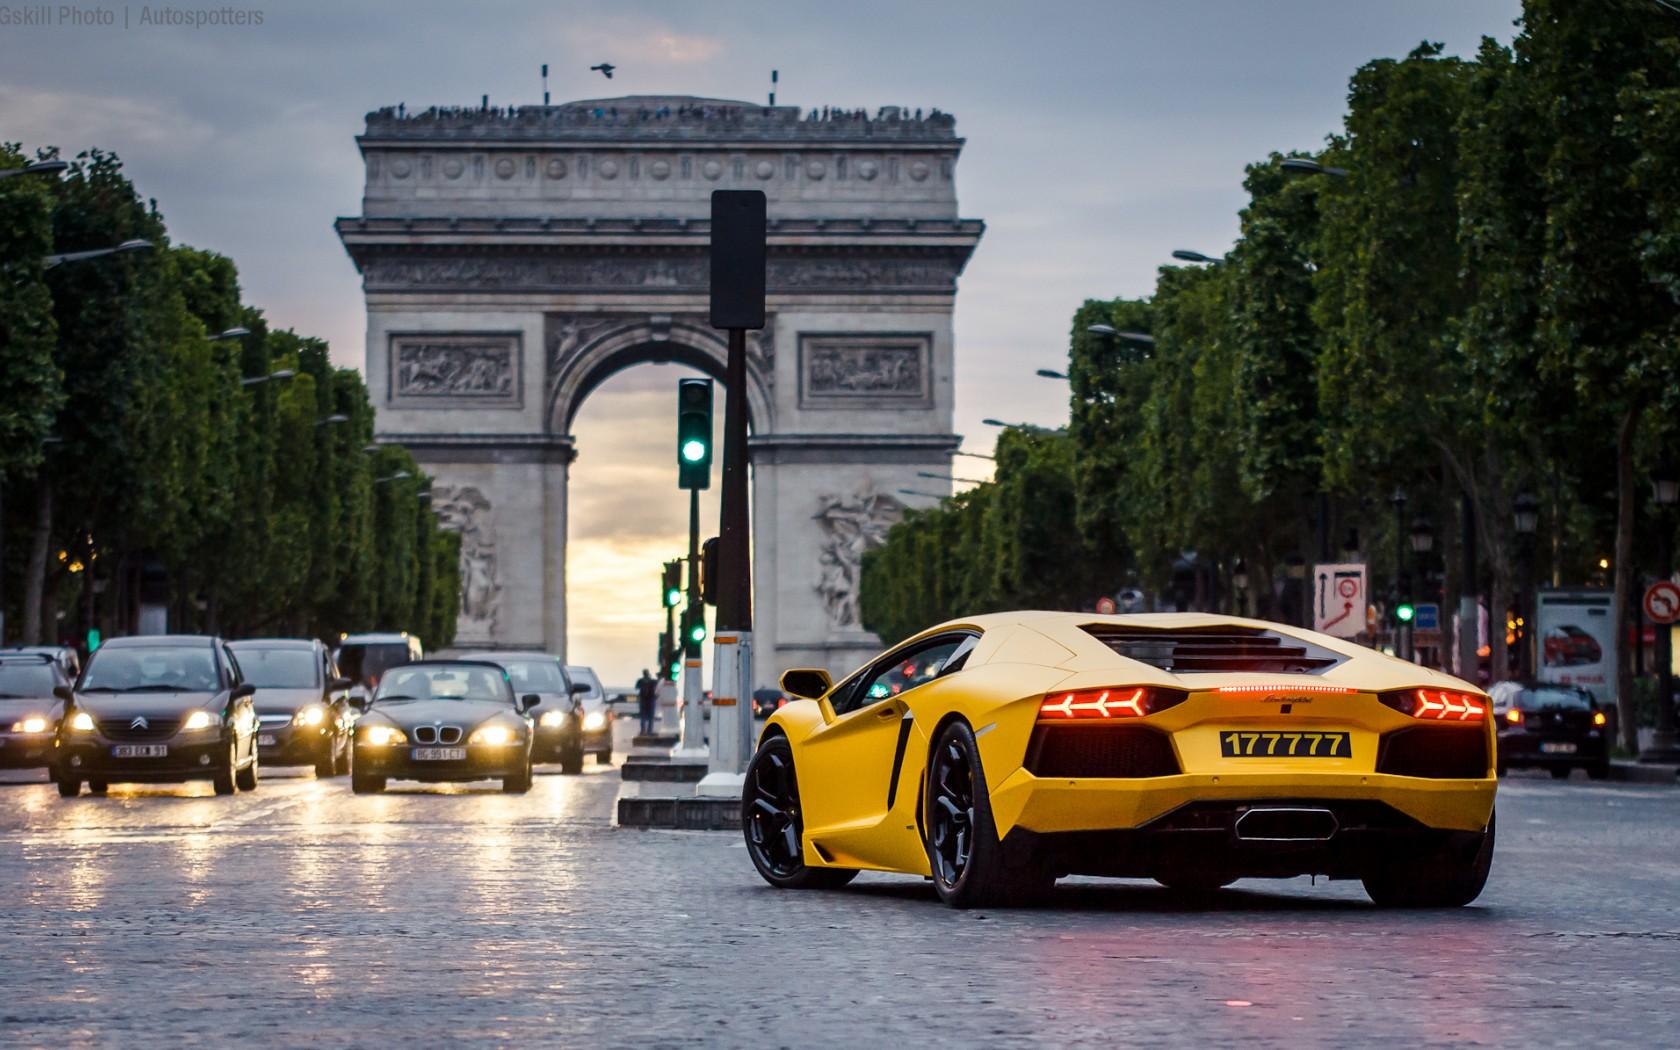 Париж запретит автомобили с двигателями внутреннего сгорания к 2030 году